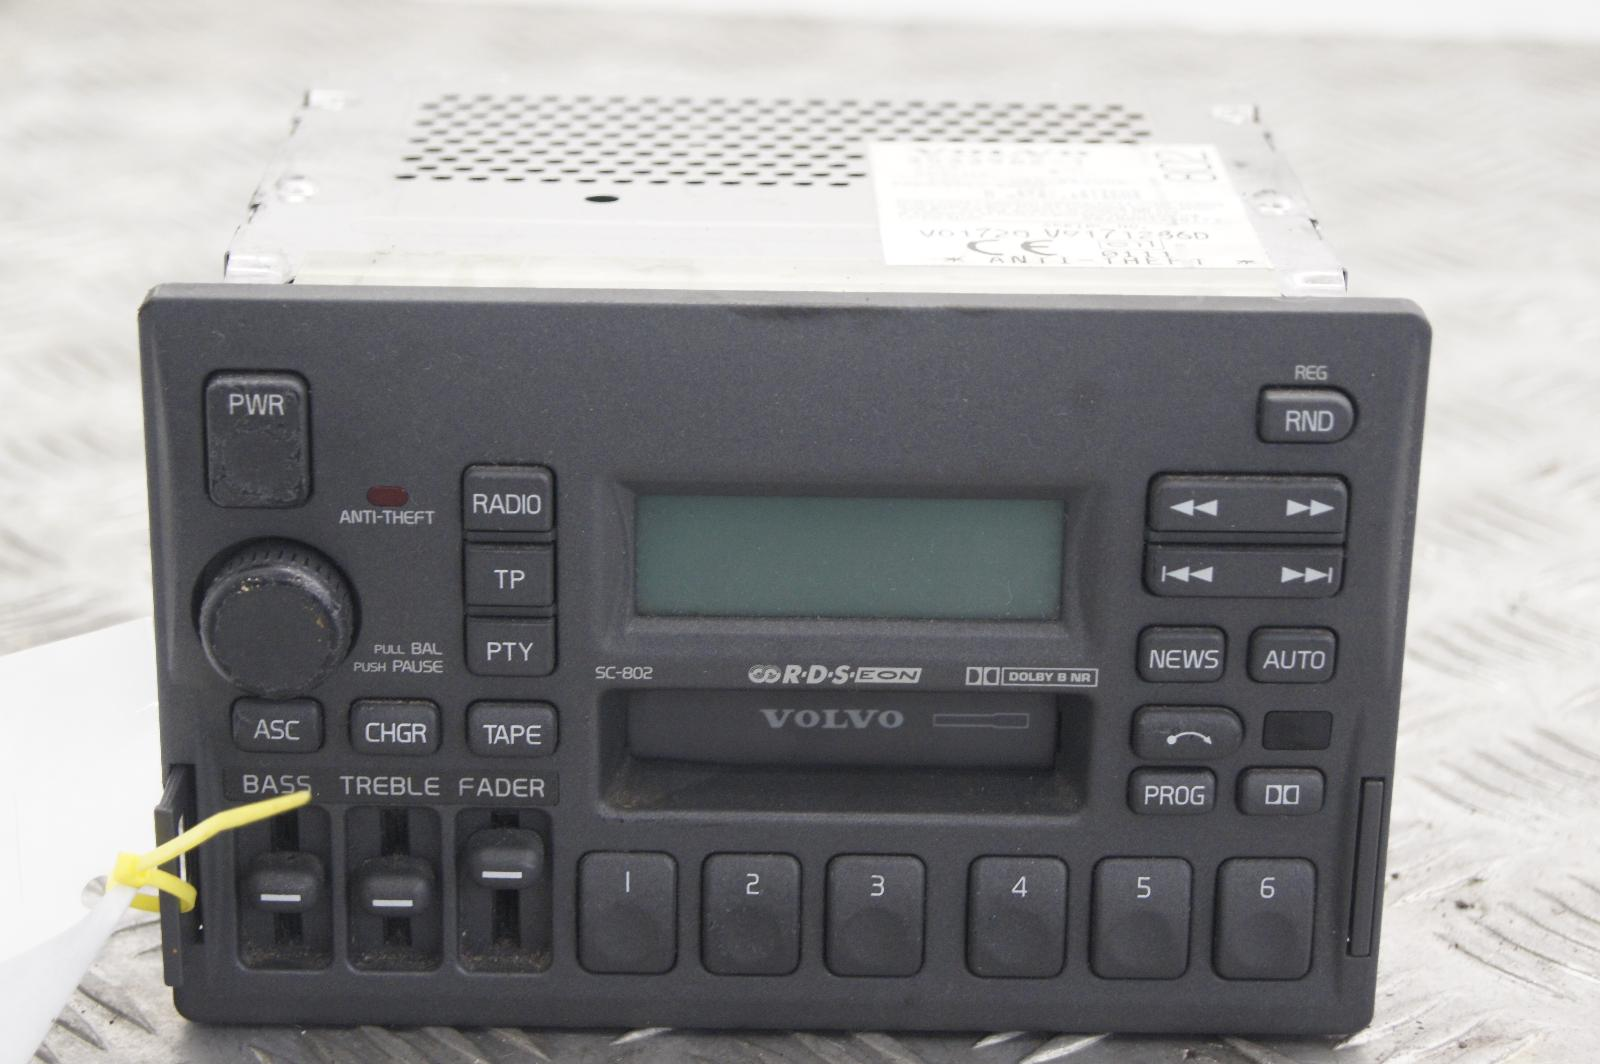 1998 volvo v70 sc 802 radio cassette player 3533962 1 ebay. Black Bedroom Furniture Sets. Home Design Ideas